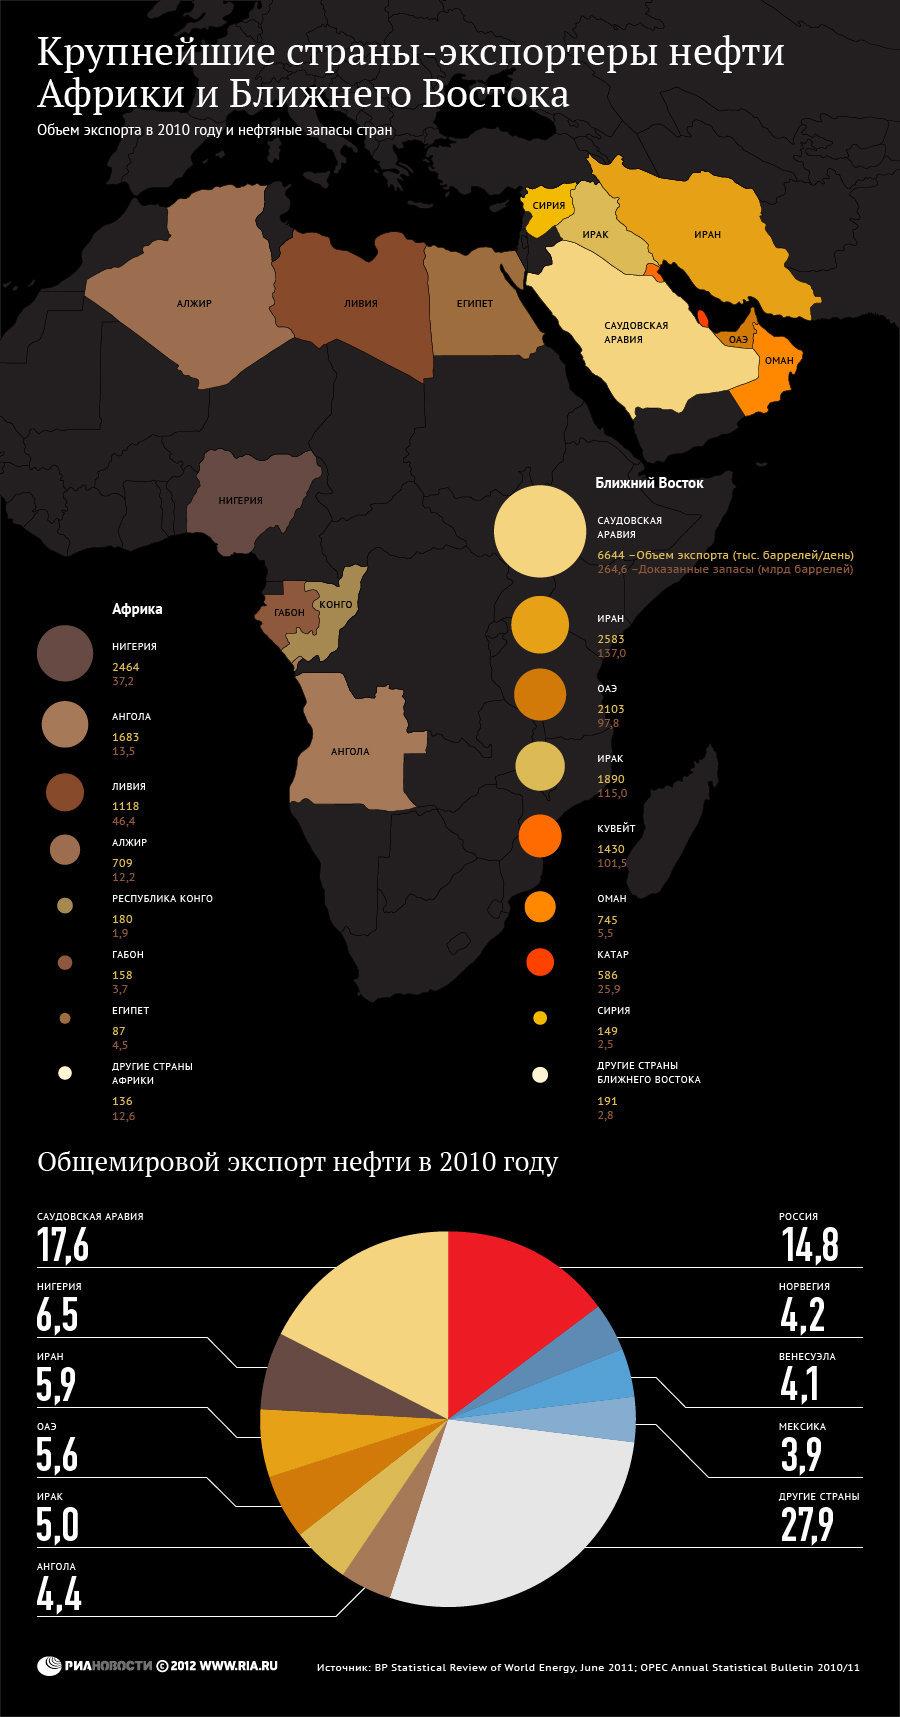 87eb7a9aabb4 Крупнейшие страны-экспортеры нефти Африки и Ближнего Востока ...